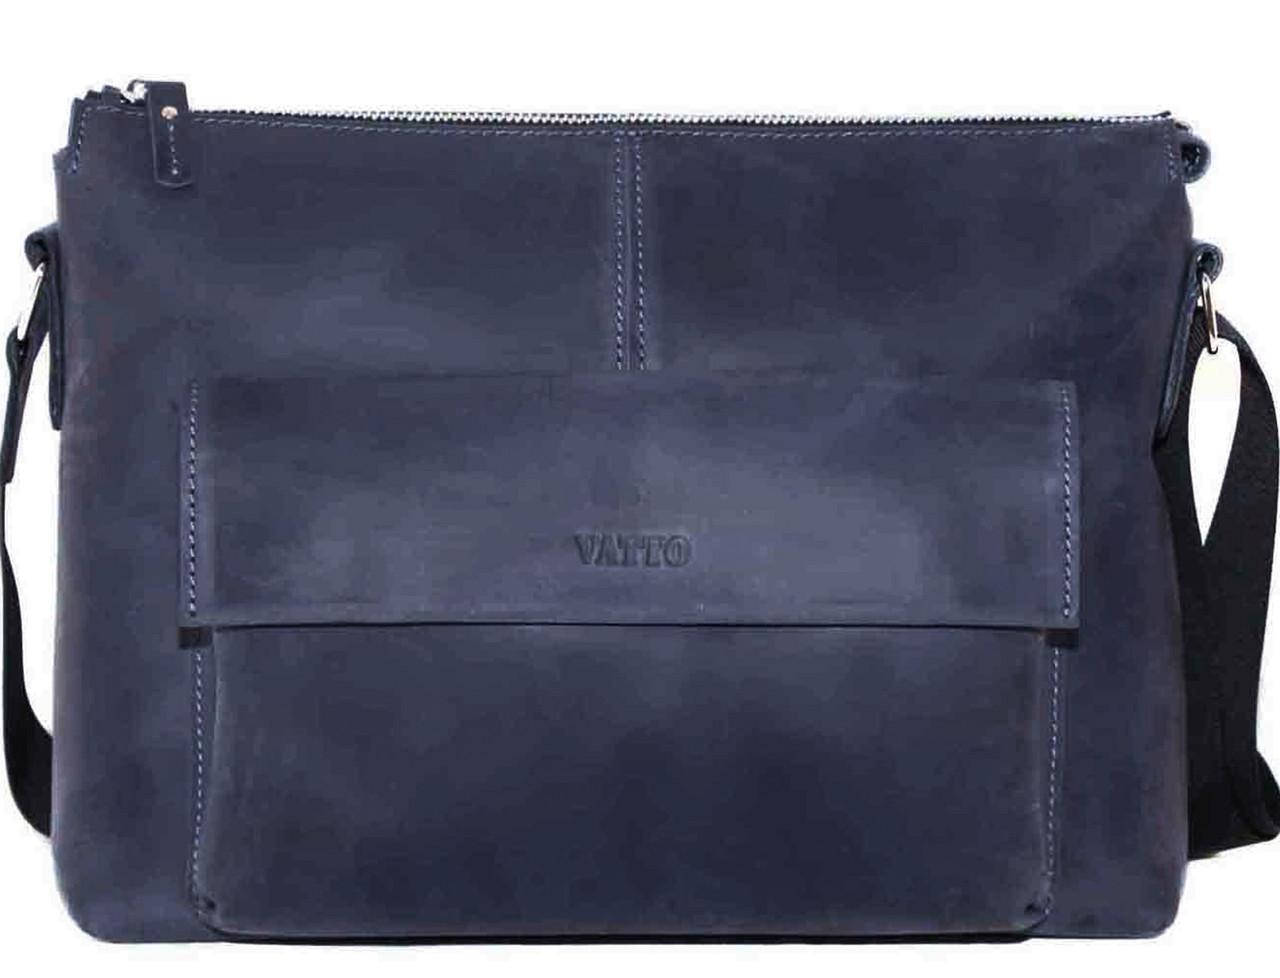 235770979fe1 Мужская сумка VATTO Mk20.1 Kr600 - Цена, купить недорого Сумы ...